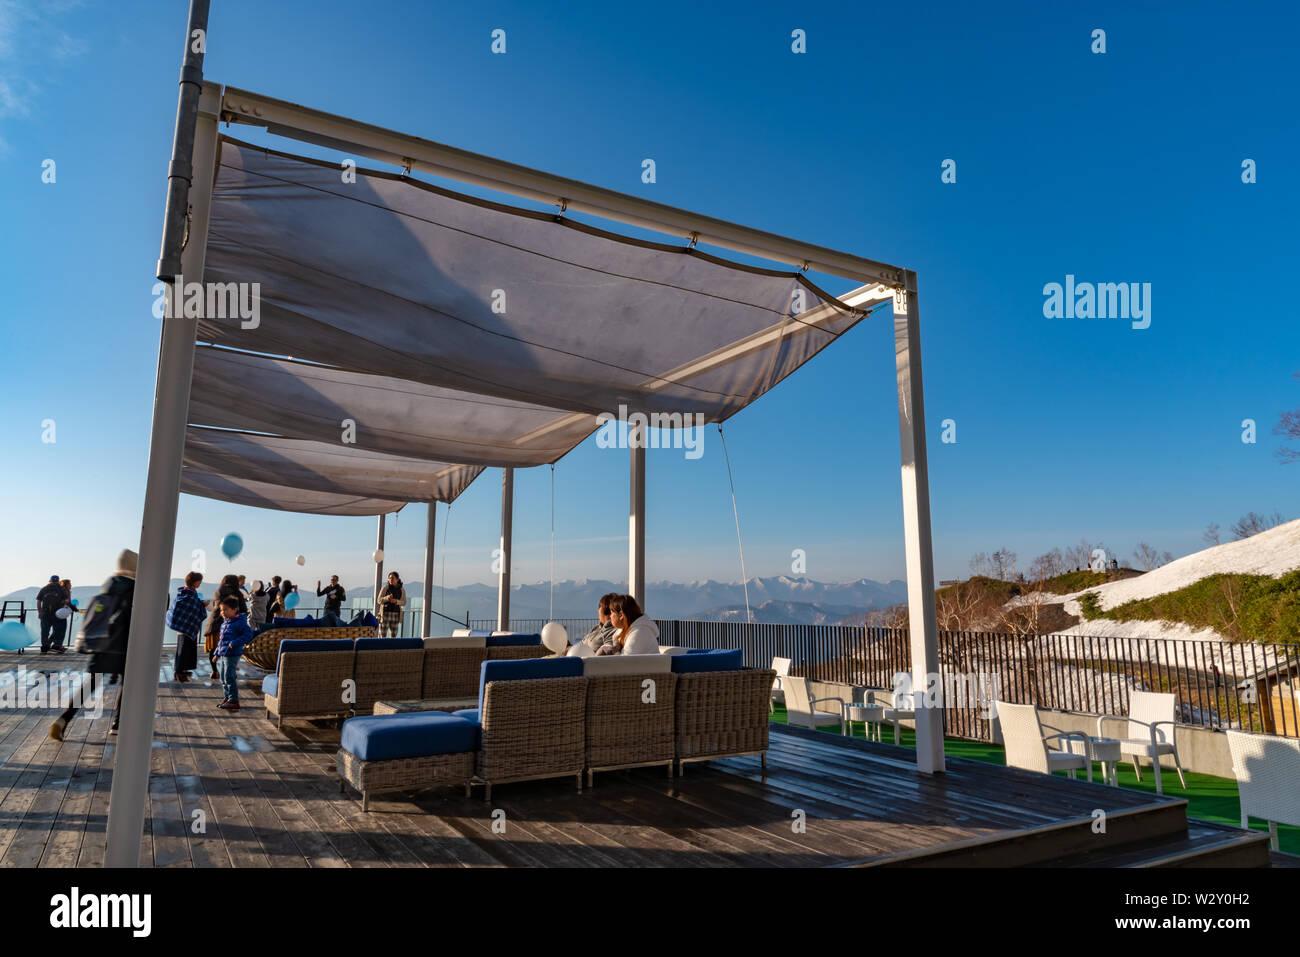 Vista Panorámica De Unkai Terraza En Verano Día Soleado En